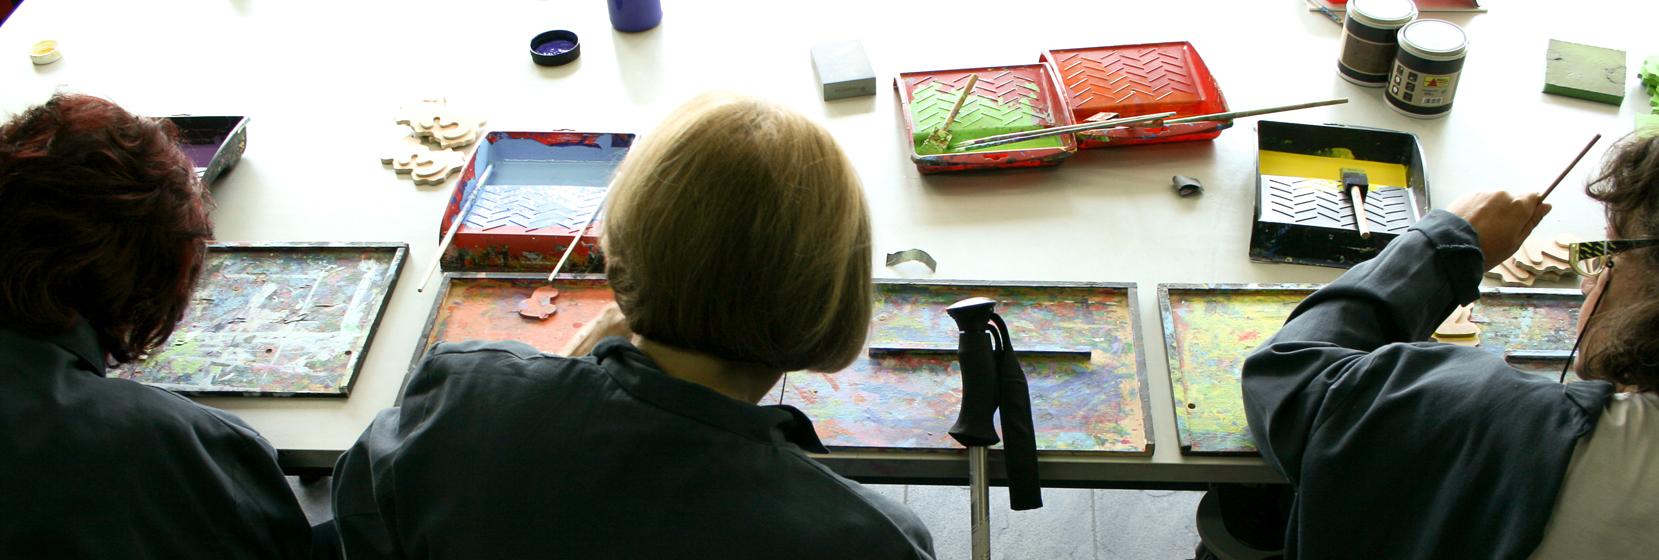 foto de tres mujeres de espaldas tranbajando en el taller de manual